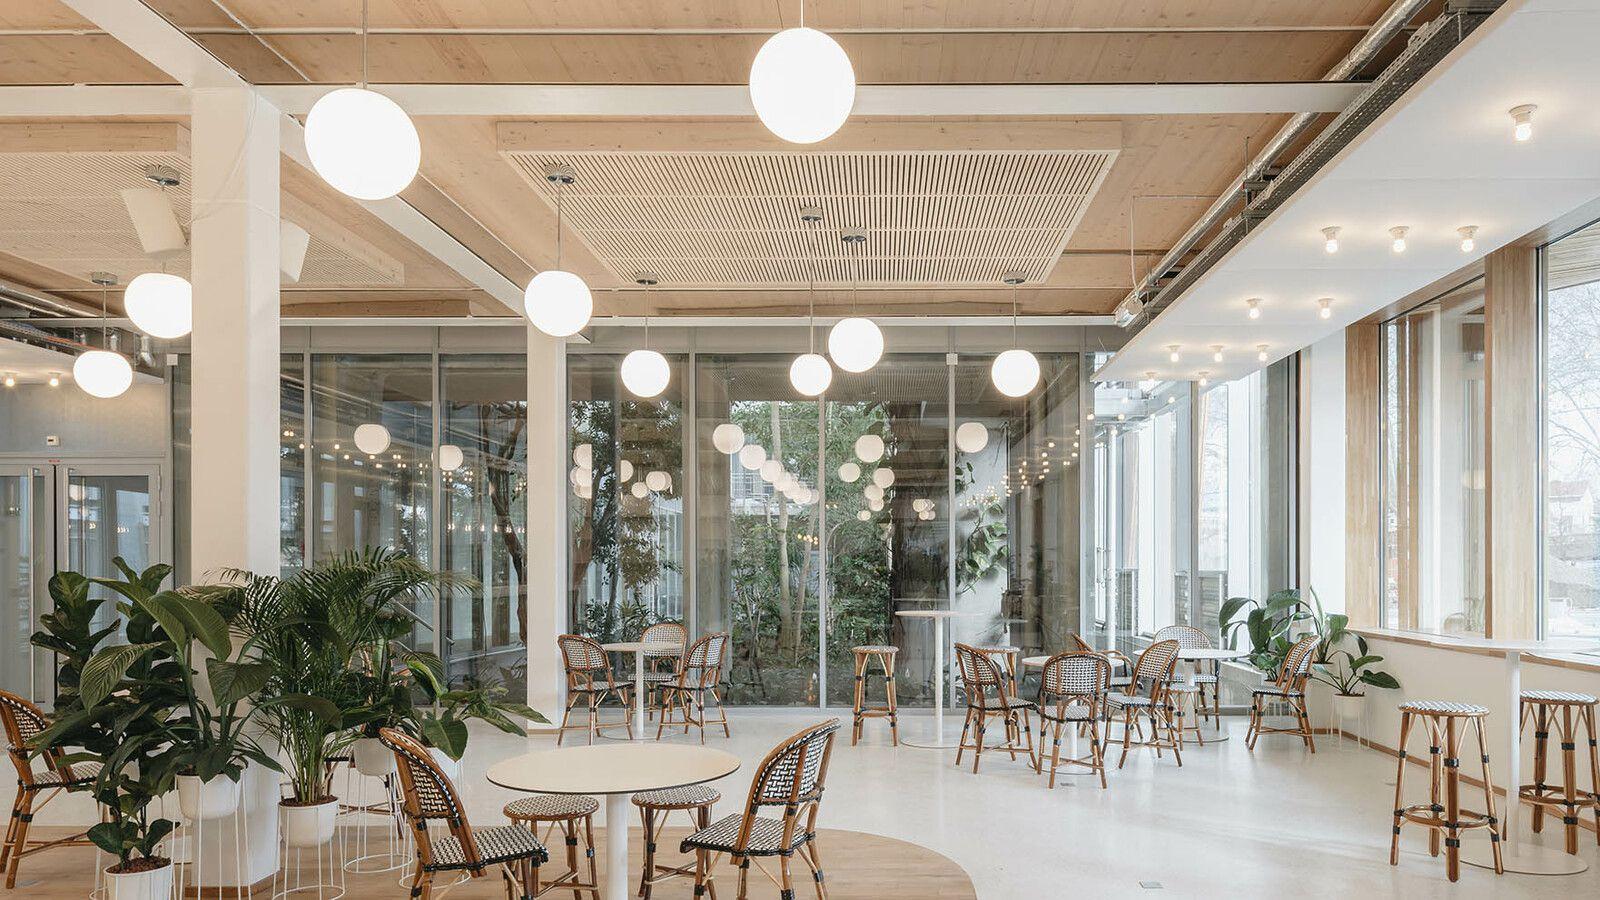 Siège social de Michelin - Le bâtiment d'accueil